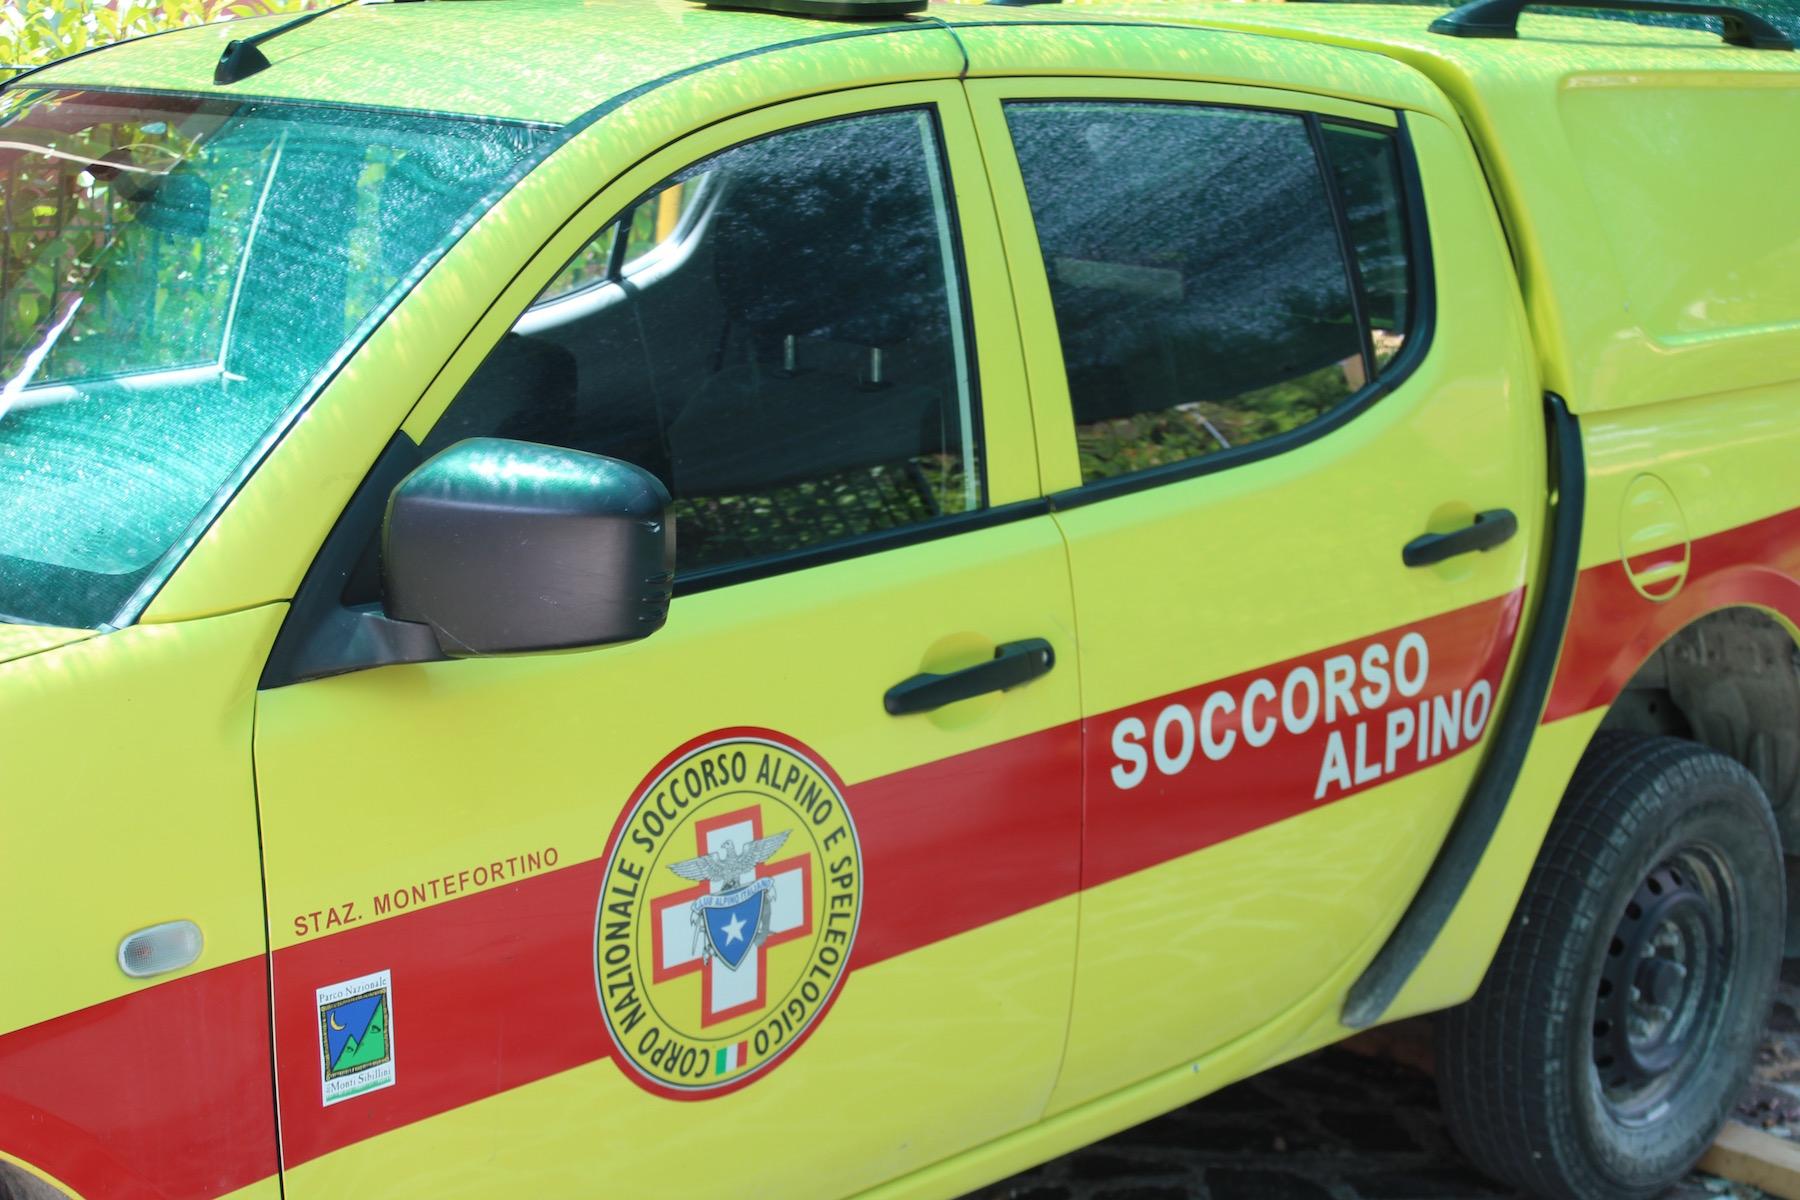 Soccorso-Alpino-Montefortino-09